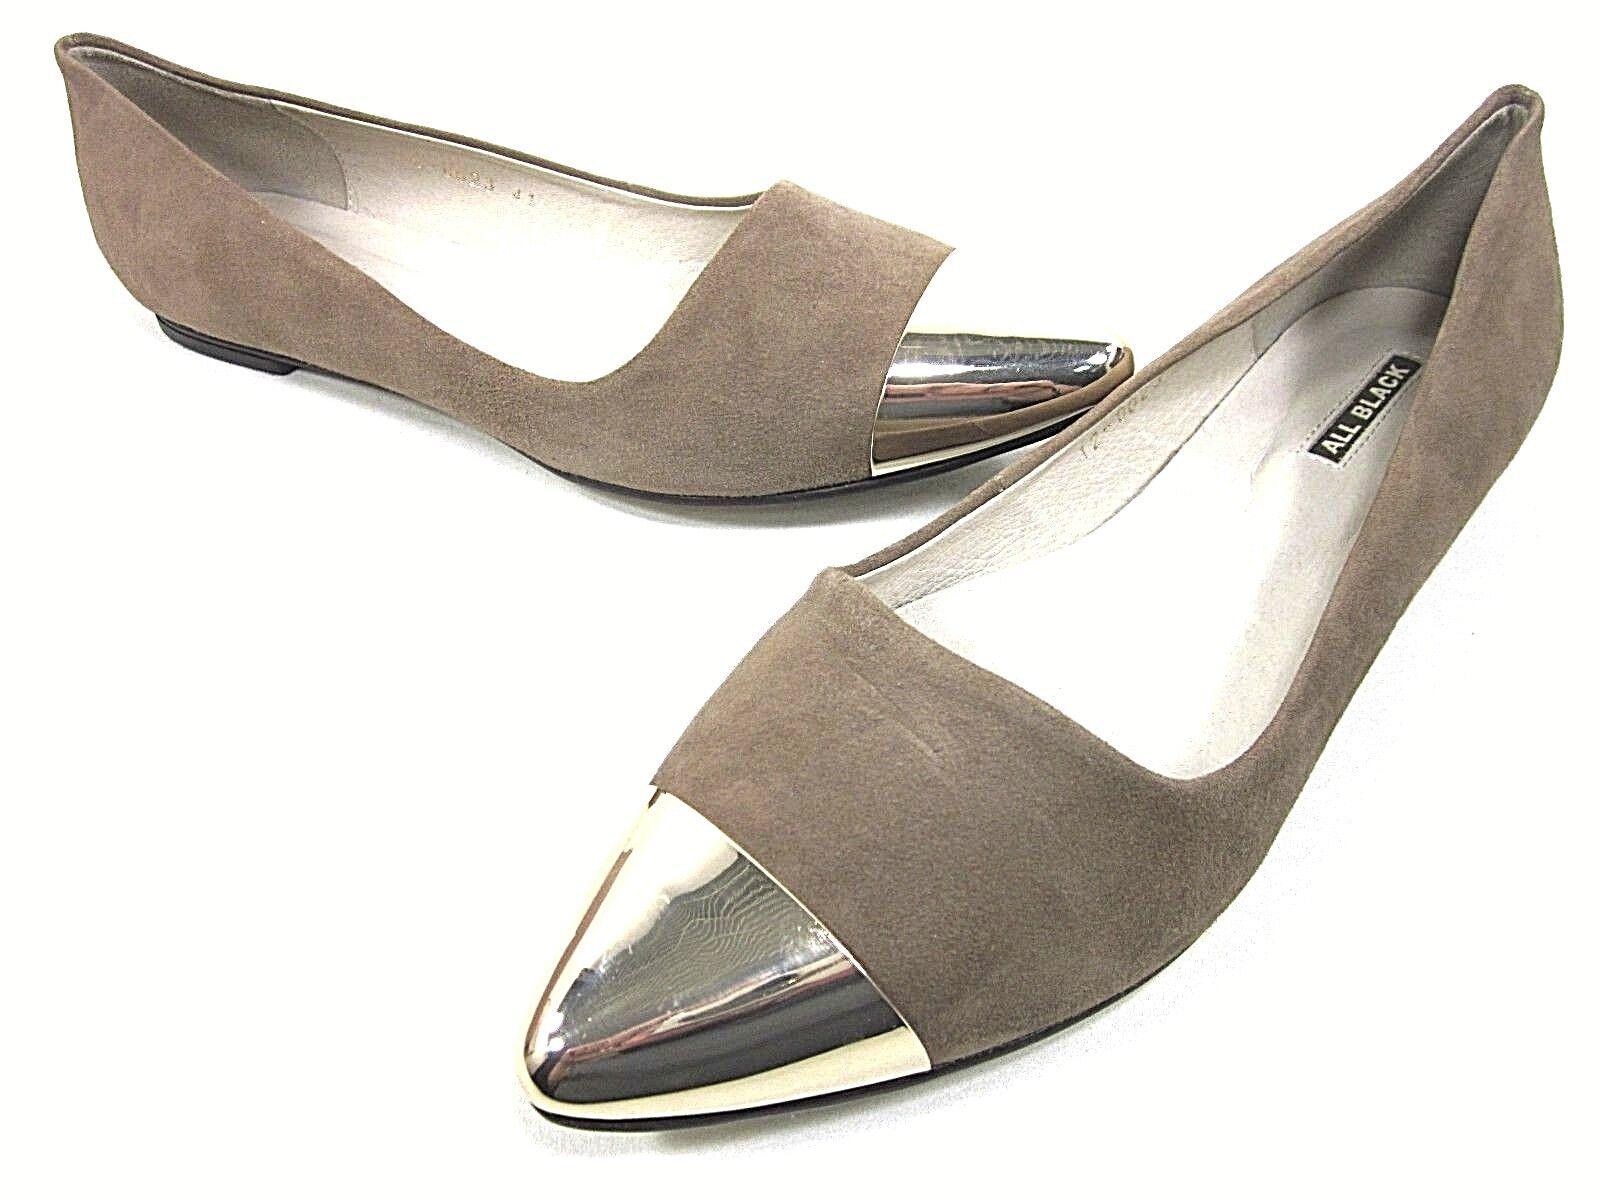 Todo Todo Todo Negro Elegante MTC Ballet Planas Mujer gris Topo nosotros tamaño 10.5 M UE 41, Nuevo Exhibido  edición limitada en caliente